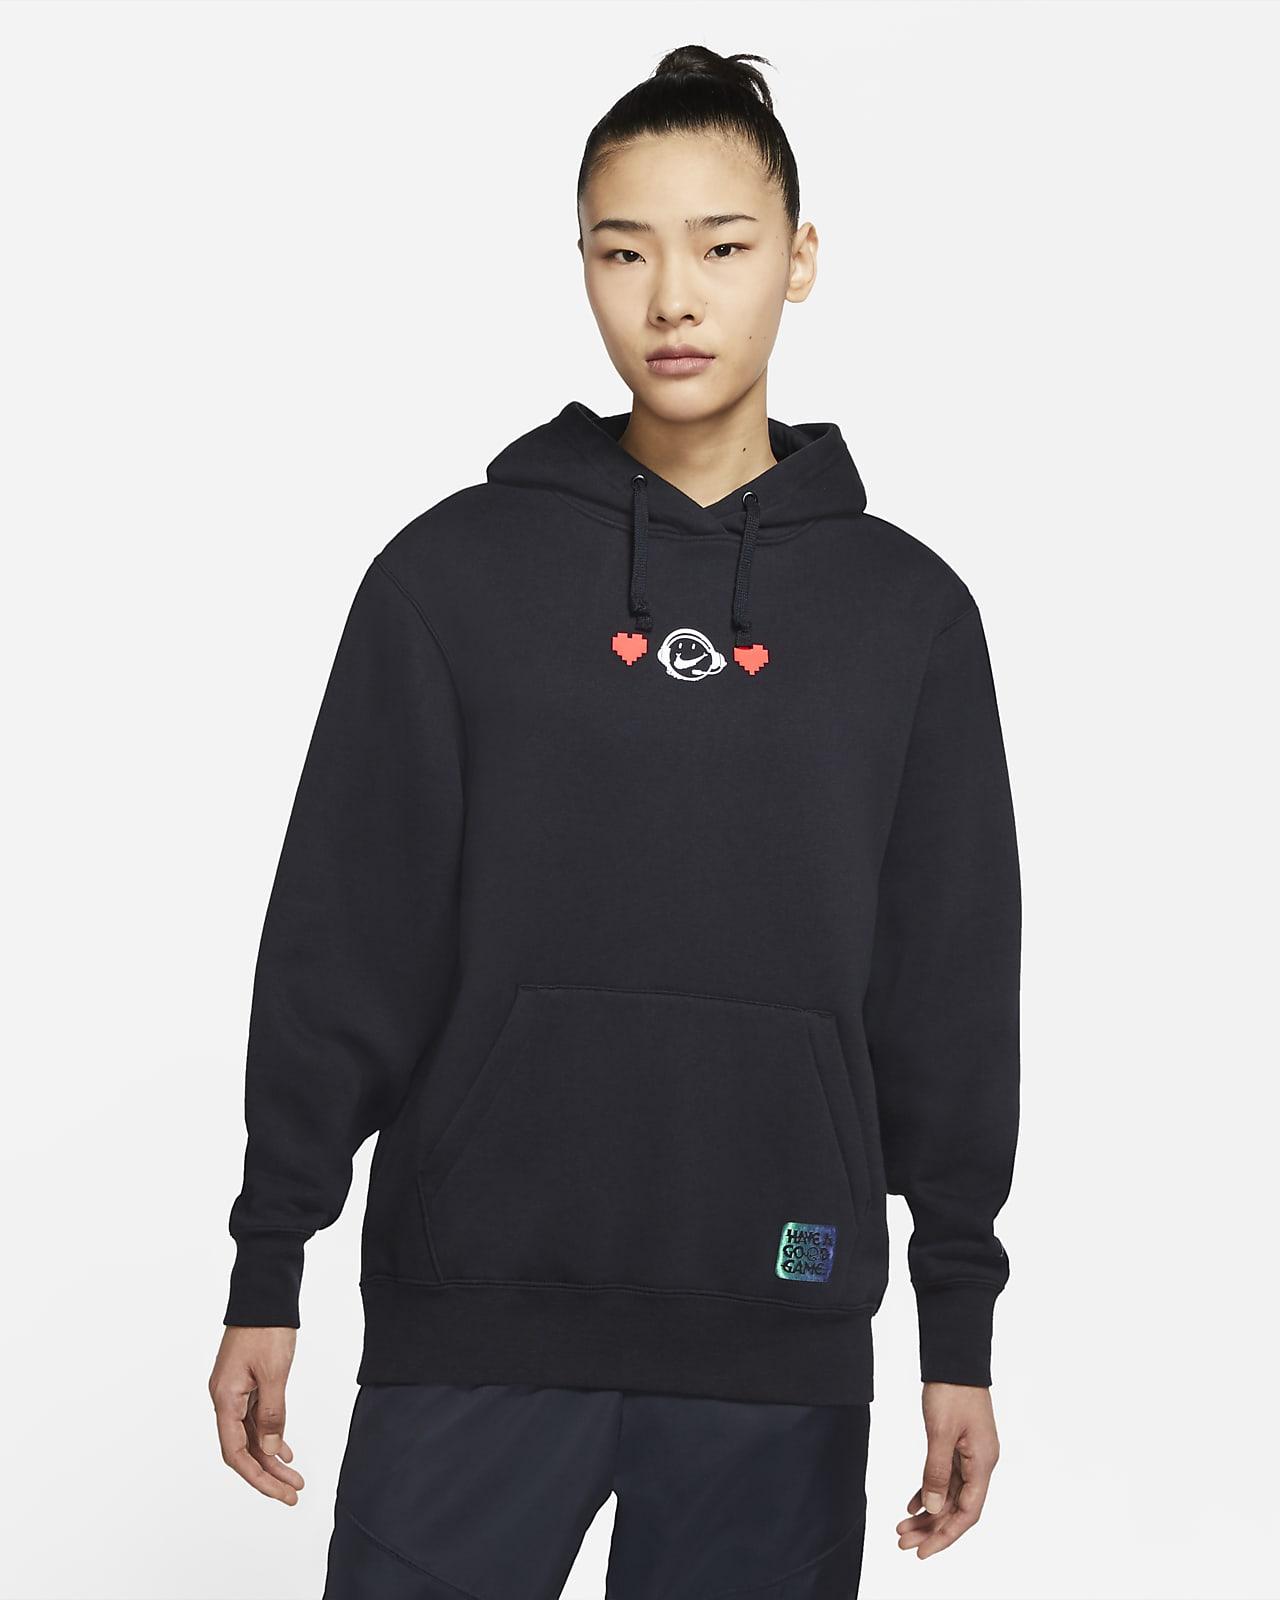 Nike Air 女子连帽衫